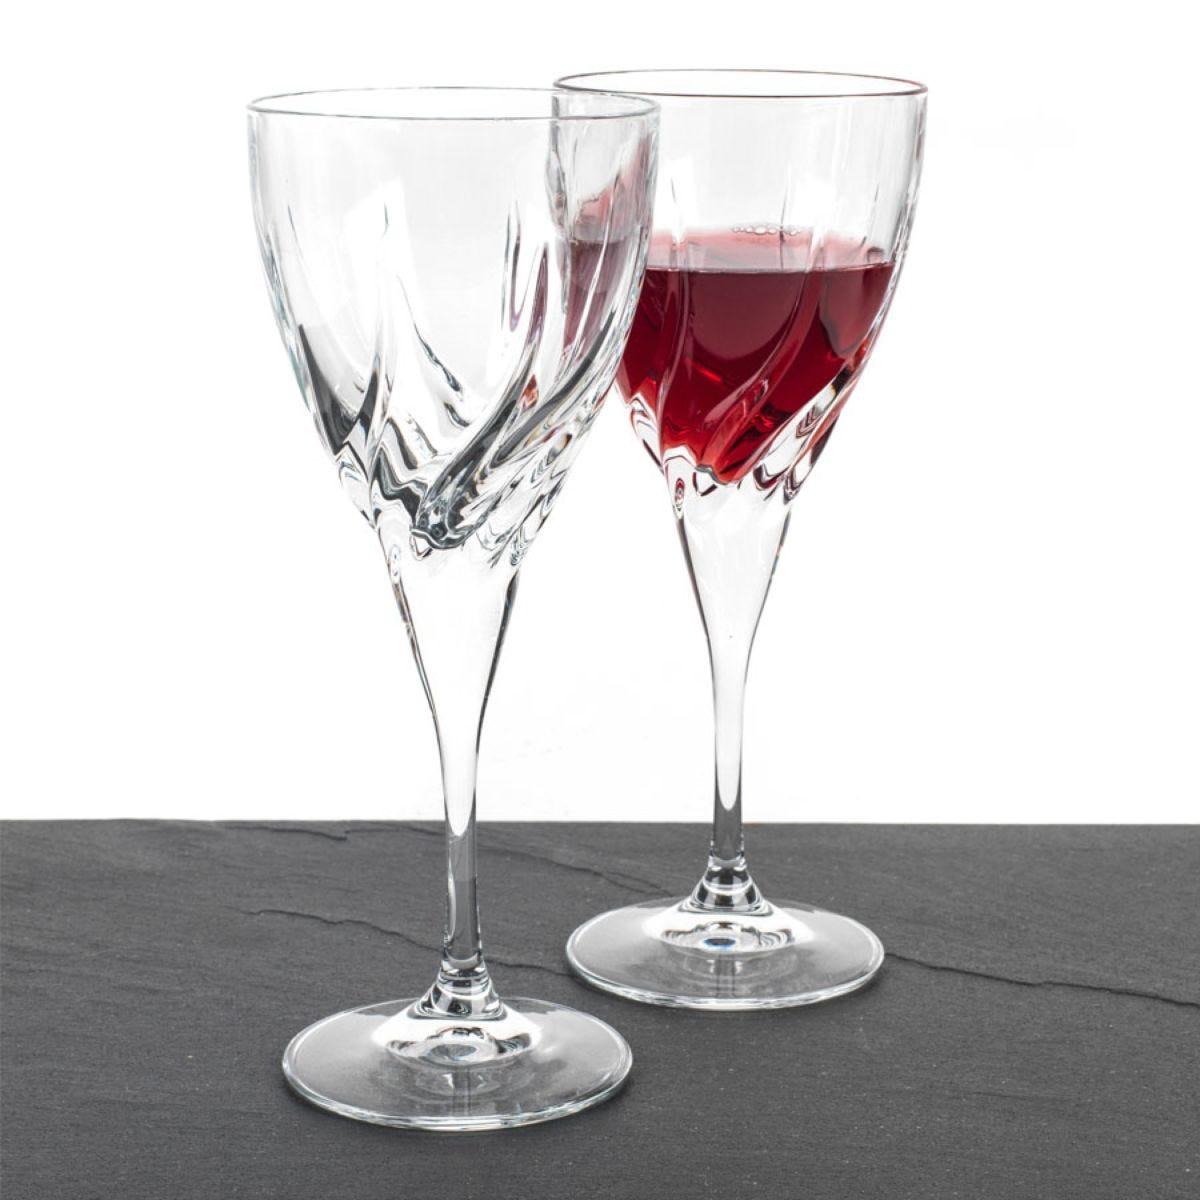 RCR Twist Crystal 330ml Wine Glasses - Set of 2